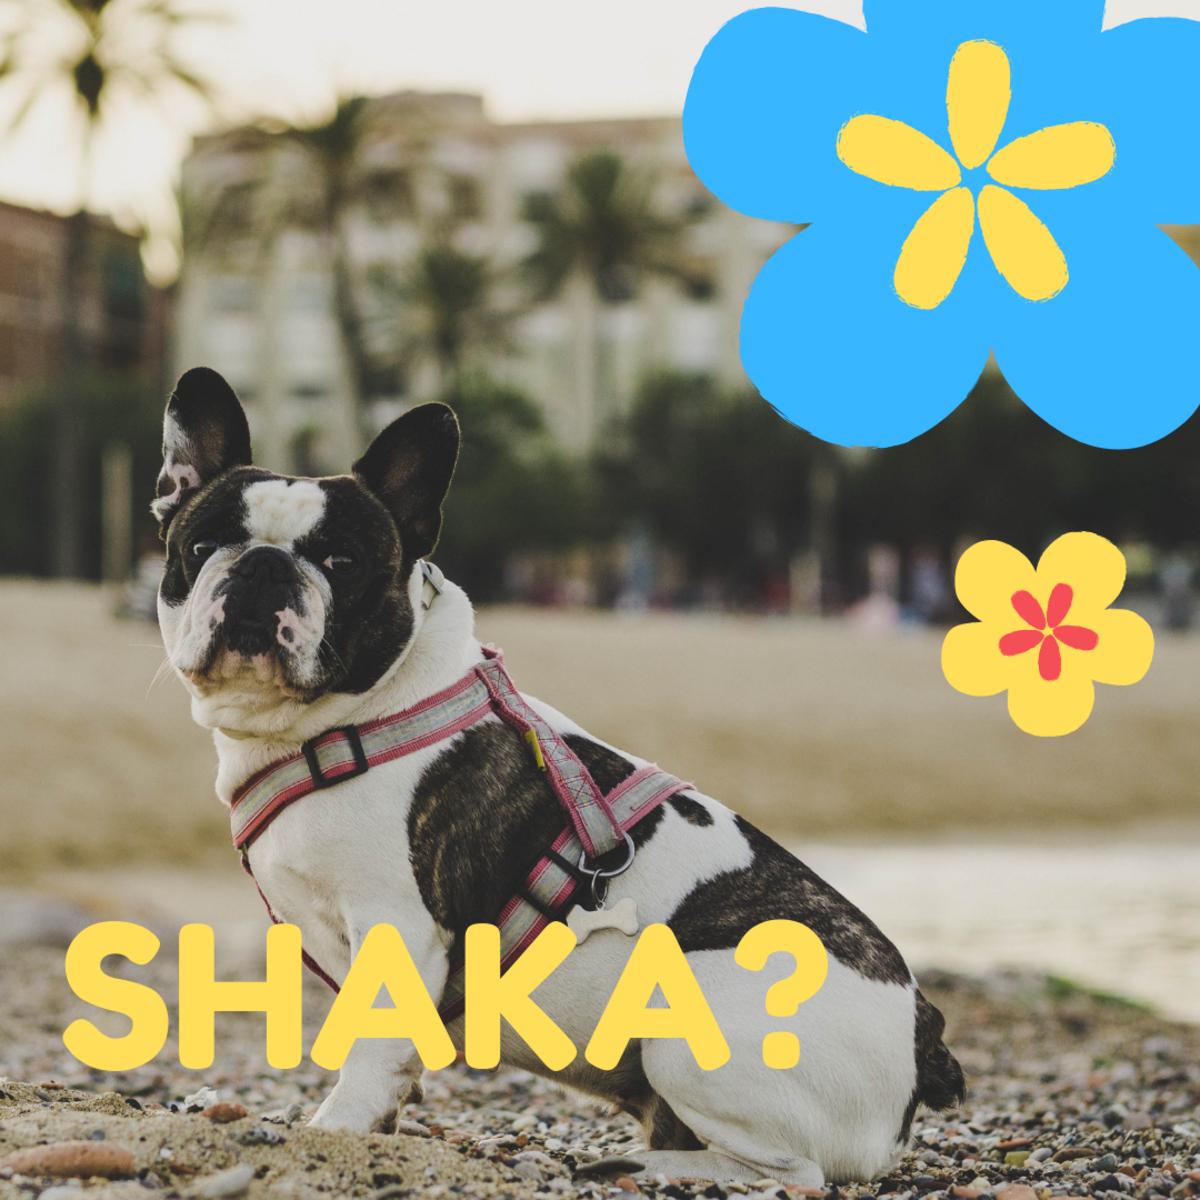 Is he a Shaka?